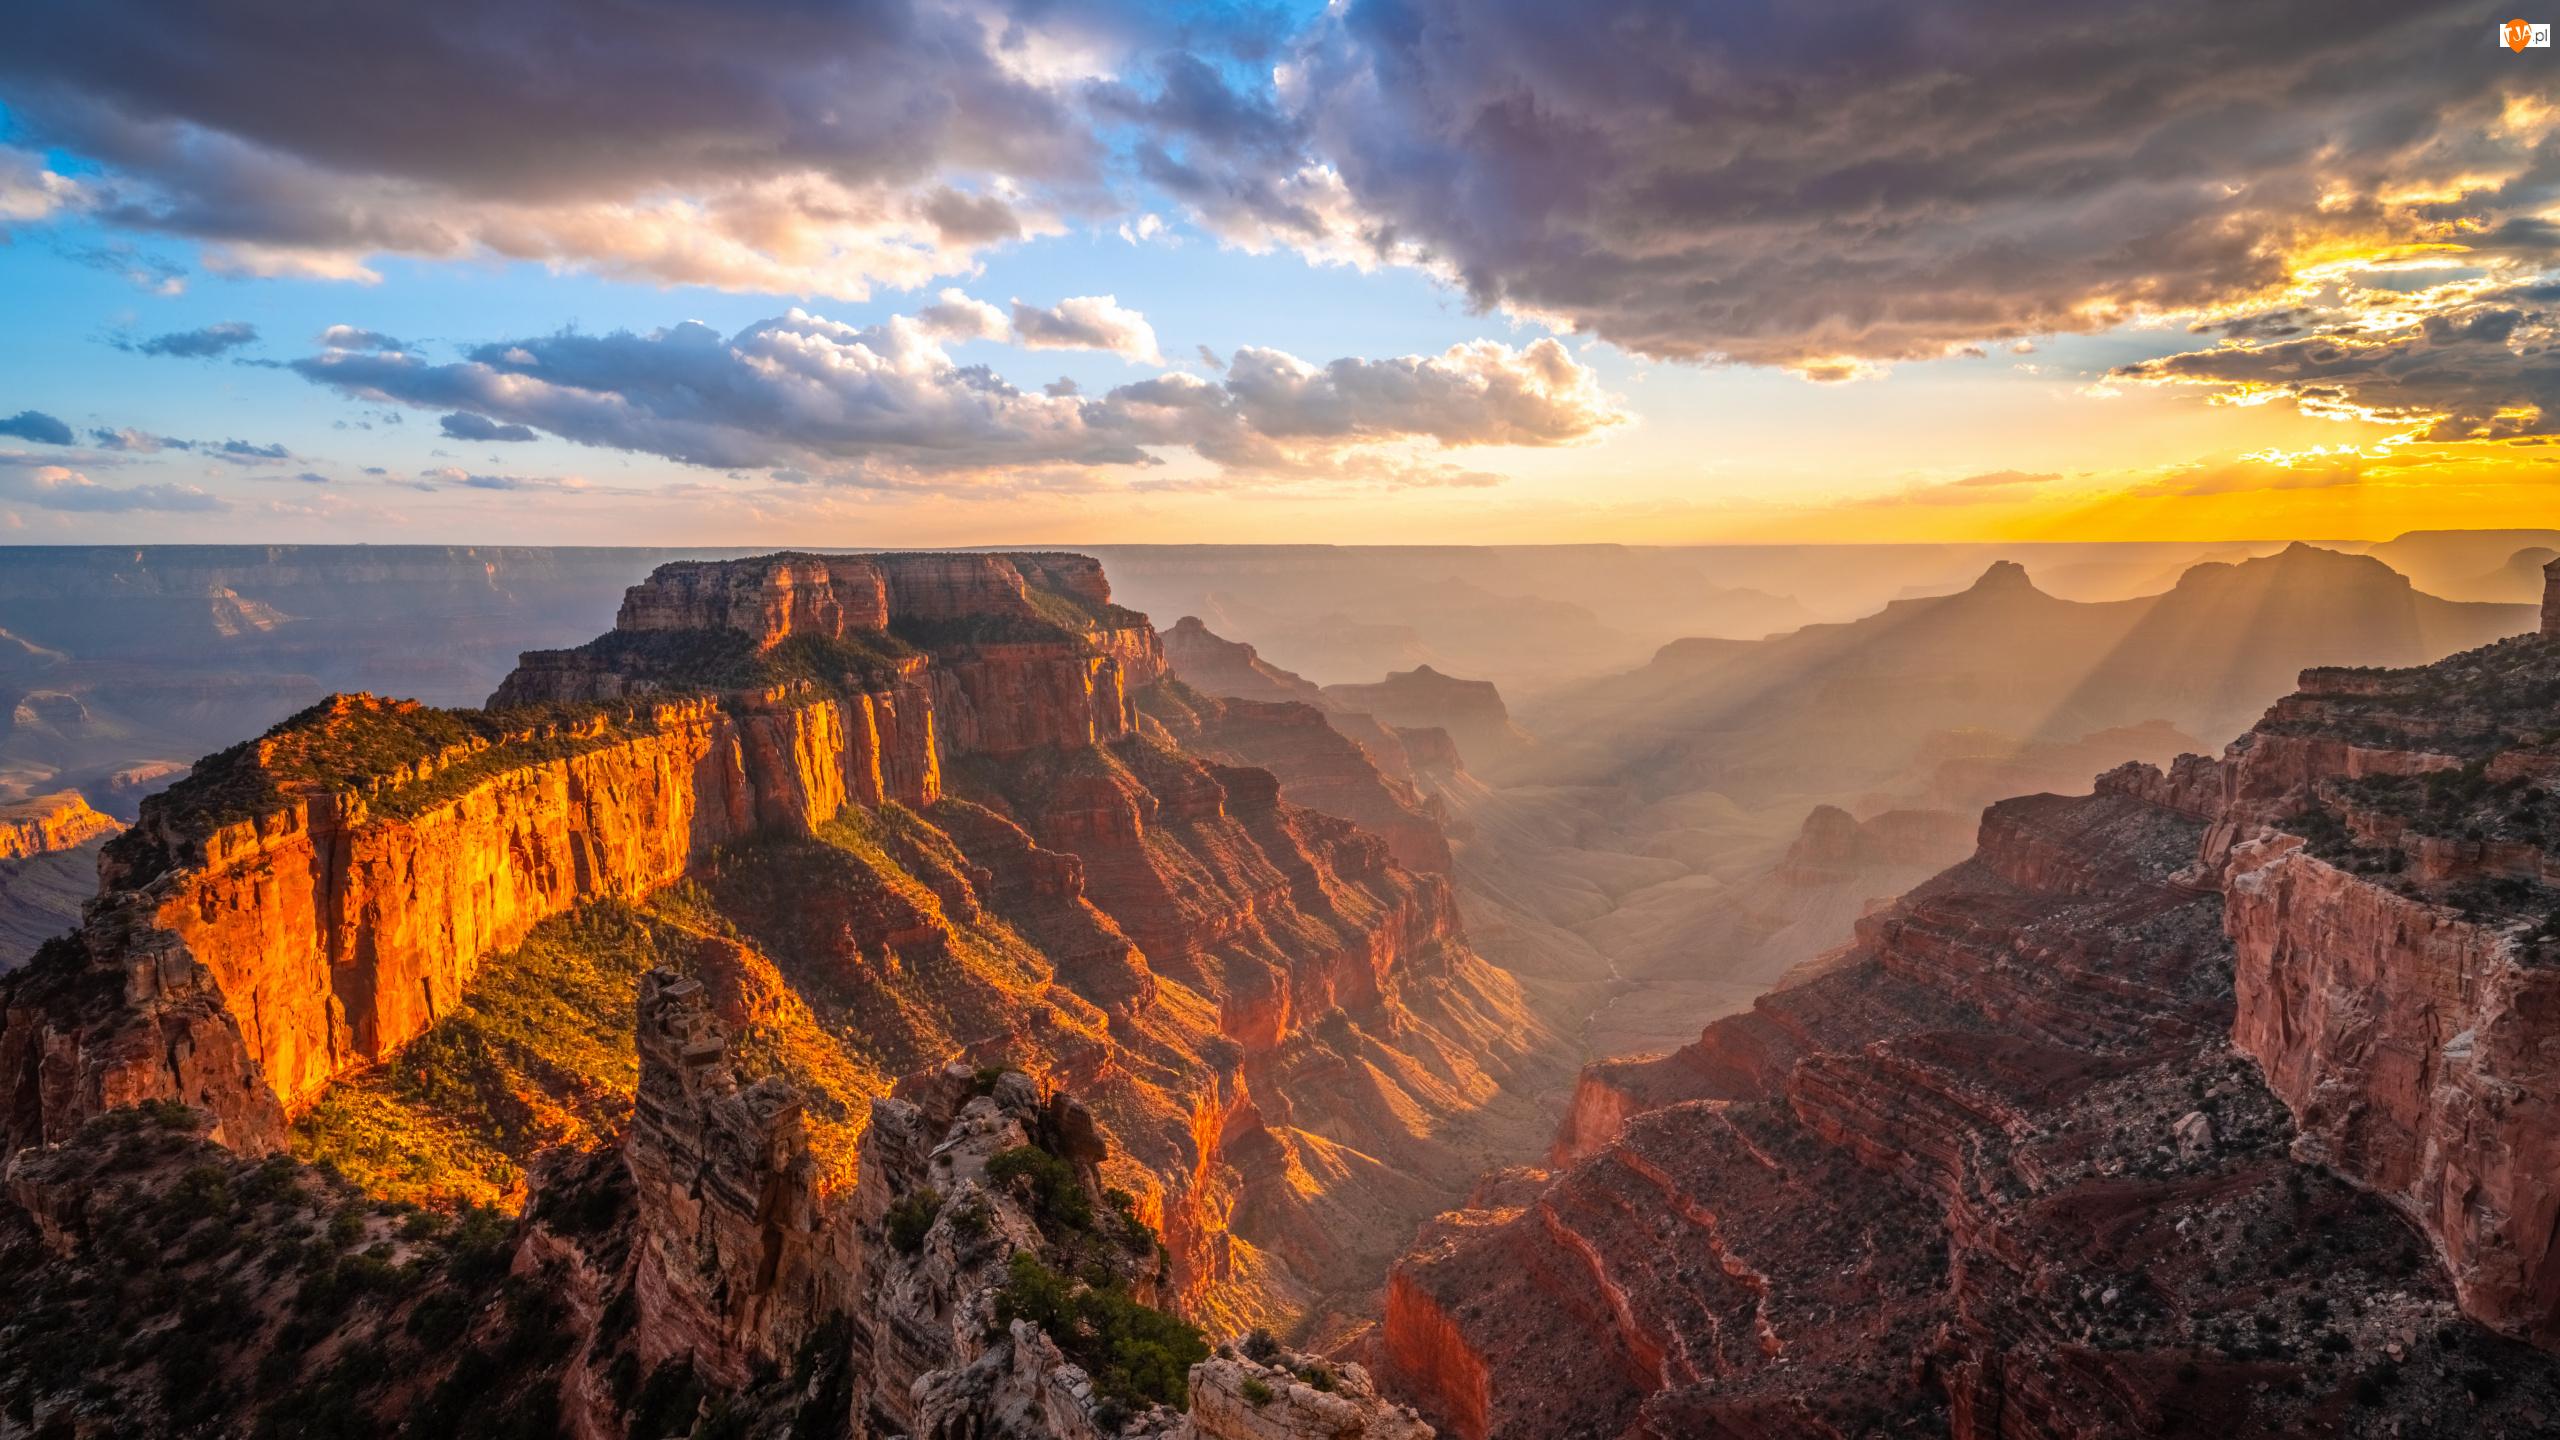 Wielki Kanion Kolorado, Góry, Stany Zjednoczone, Park Narodowy Wielkiego Kanionu, Chmury, Zachód słońca, Skały